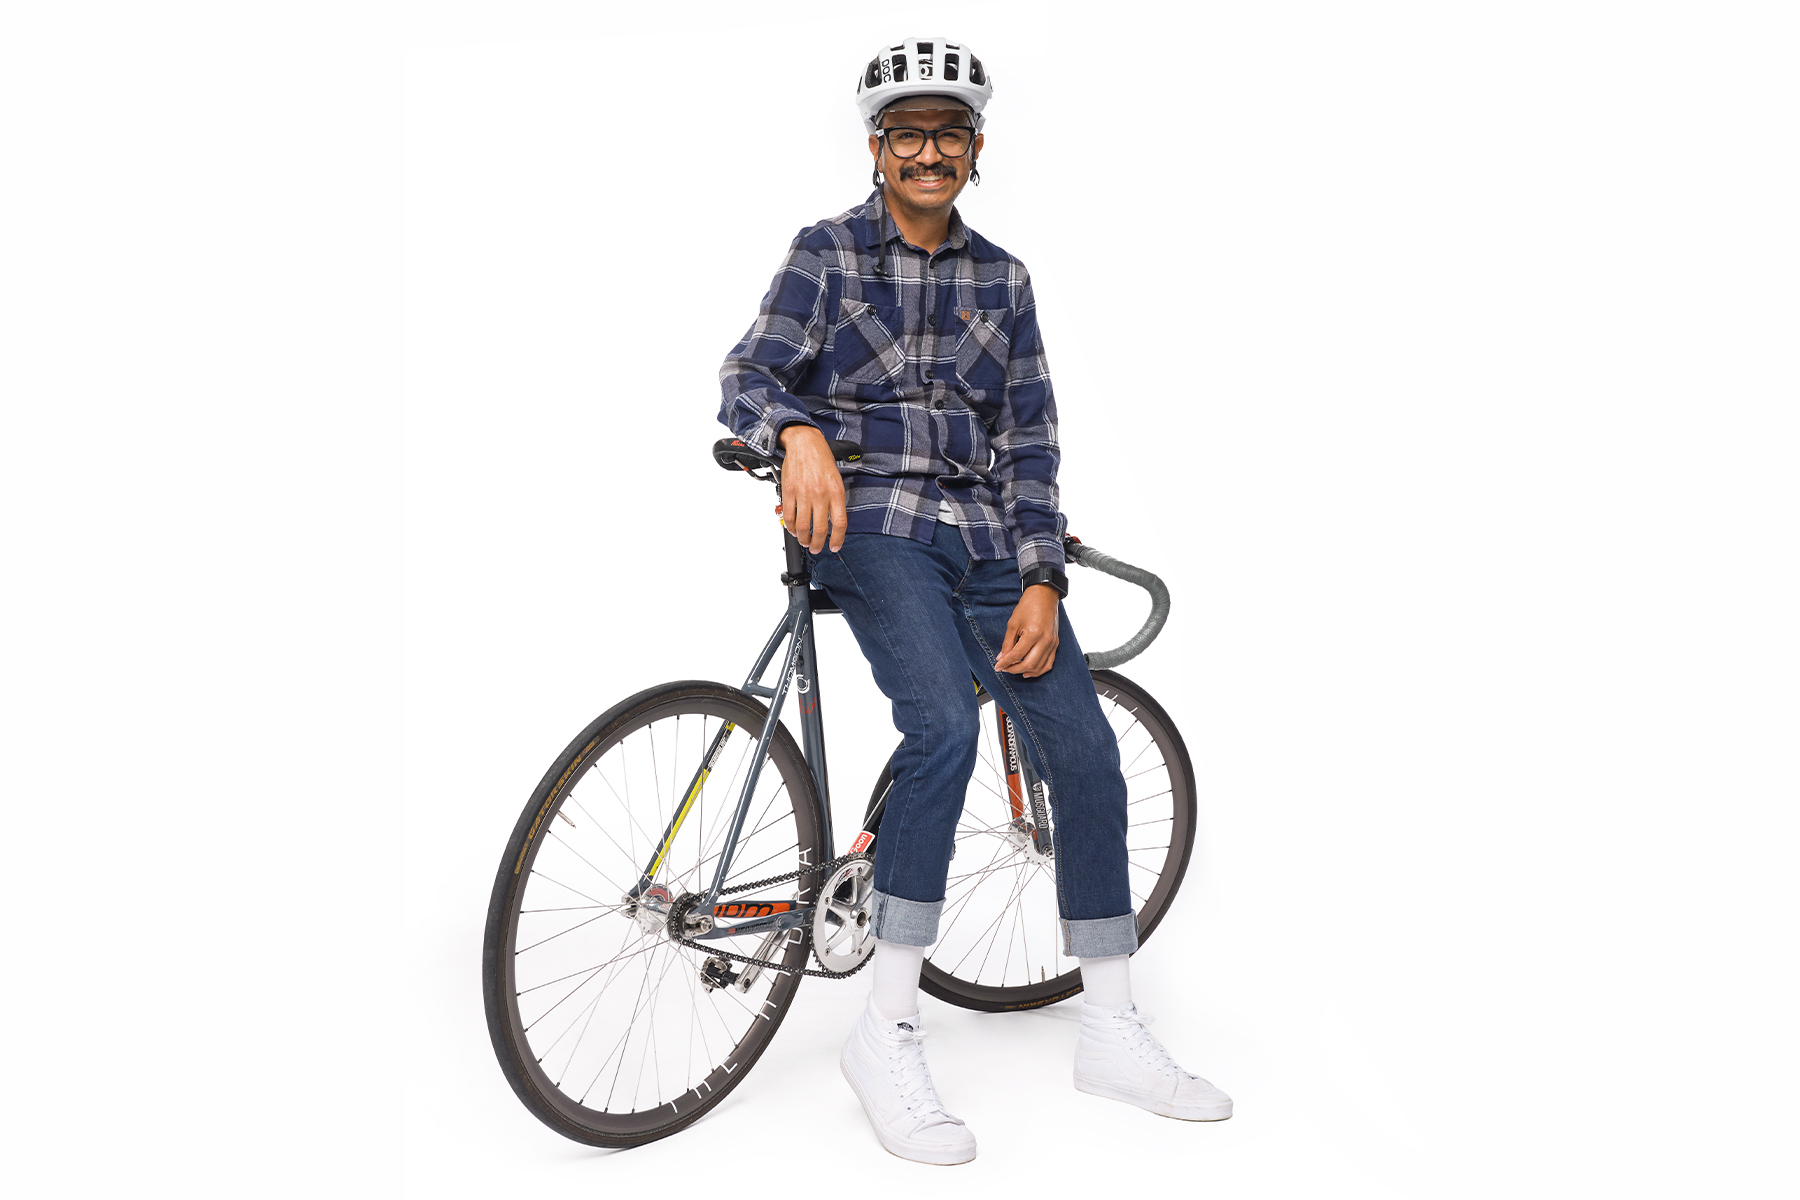 jr. belmontes dallas cyclist